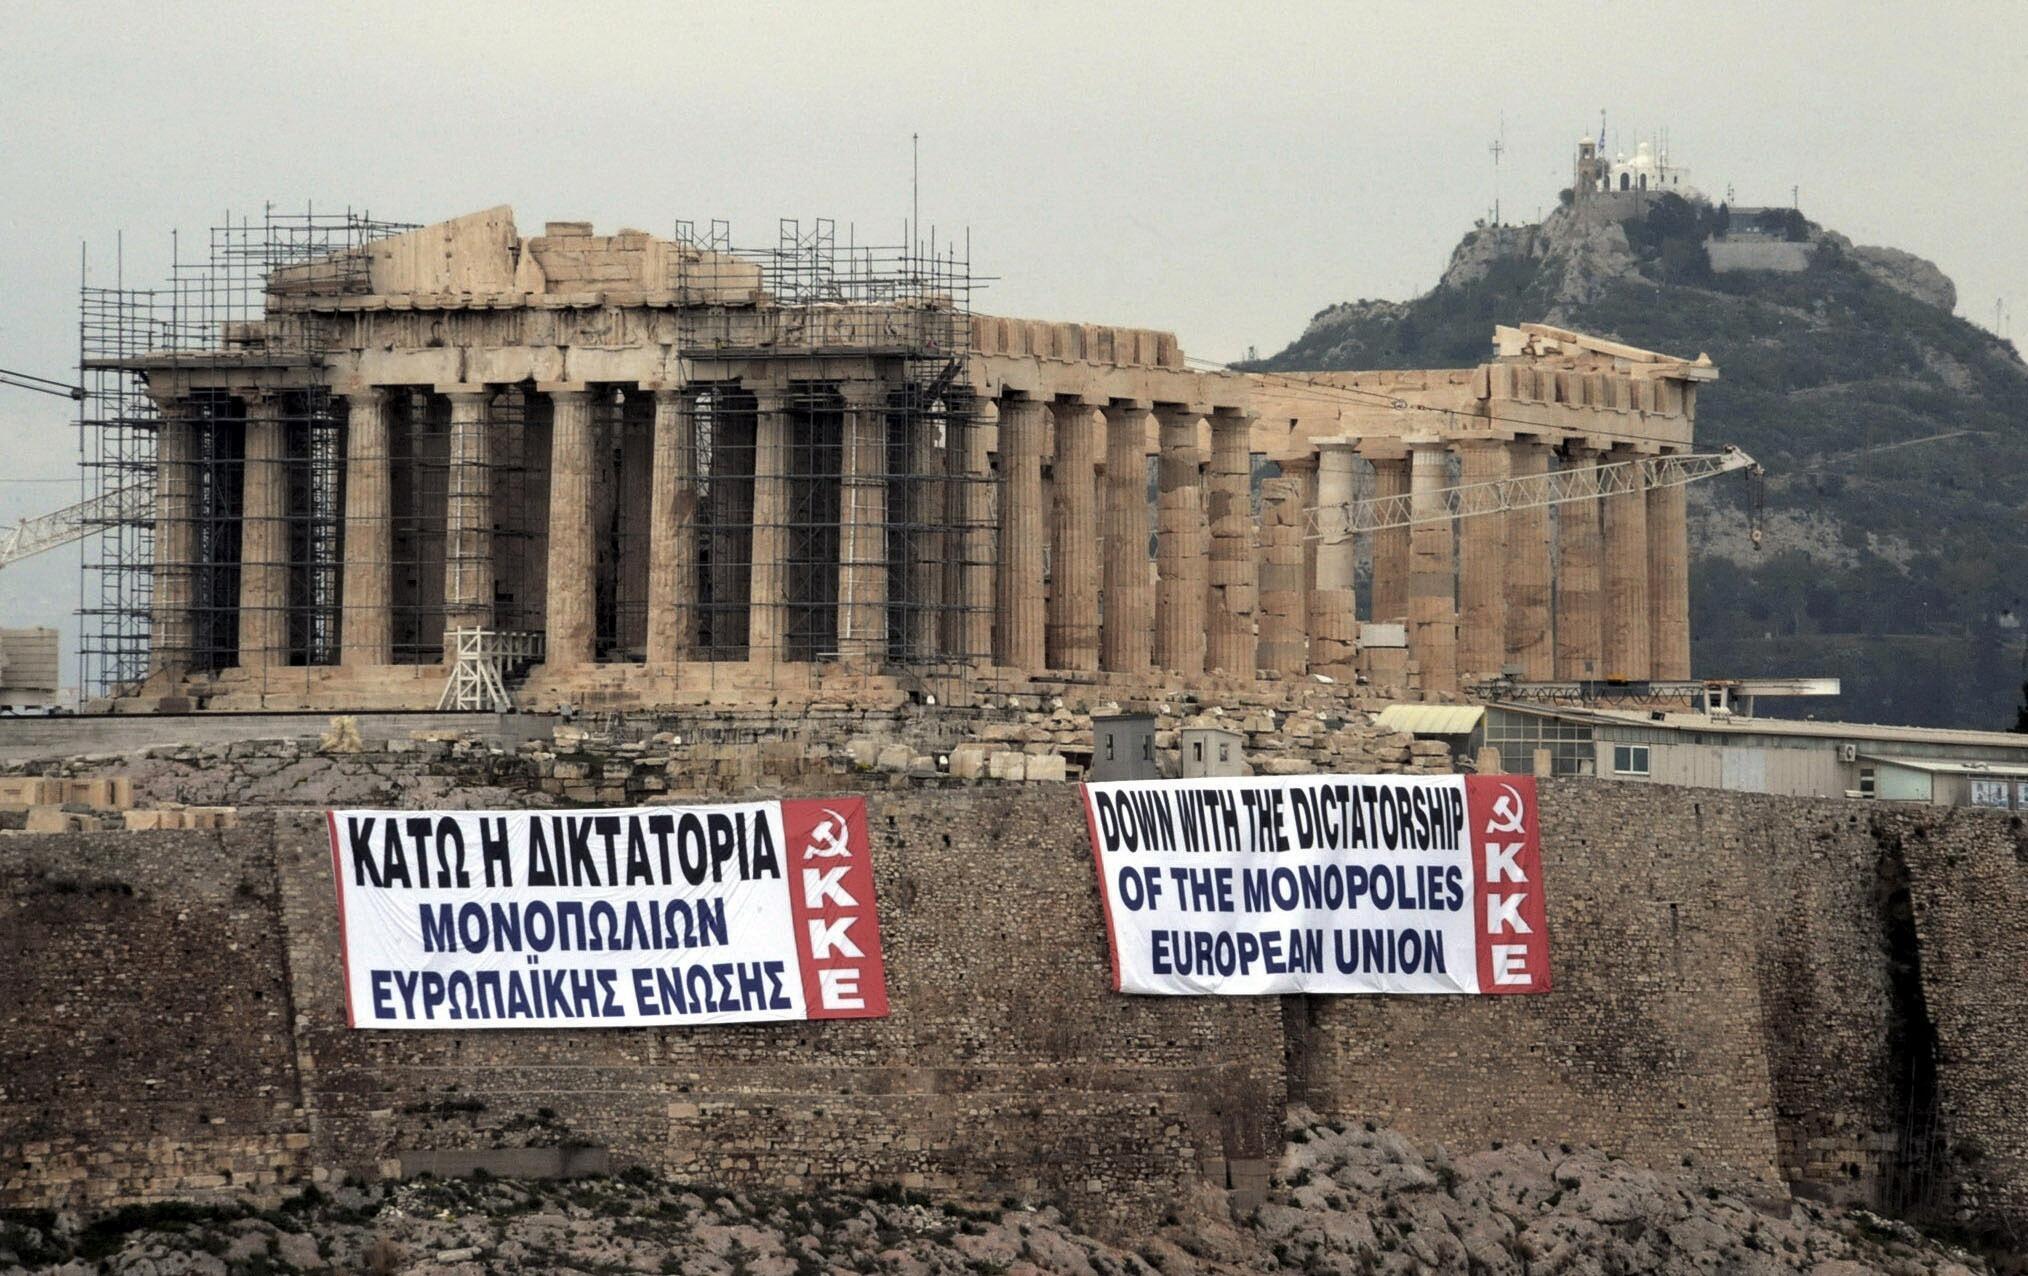 """Баннеры с надписью """"Долой диктатуру монополии Евросоюза"""" на греческом и английском языках на Акрополе в Афинах 11 февраля 2012 г."""